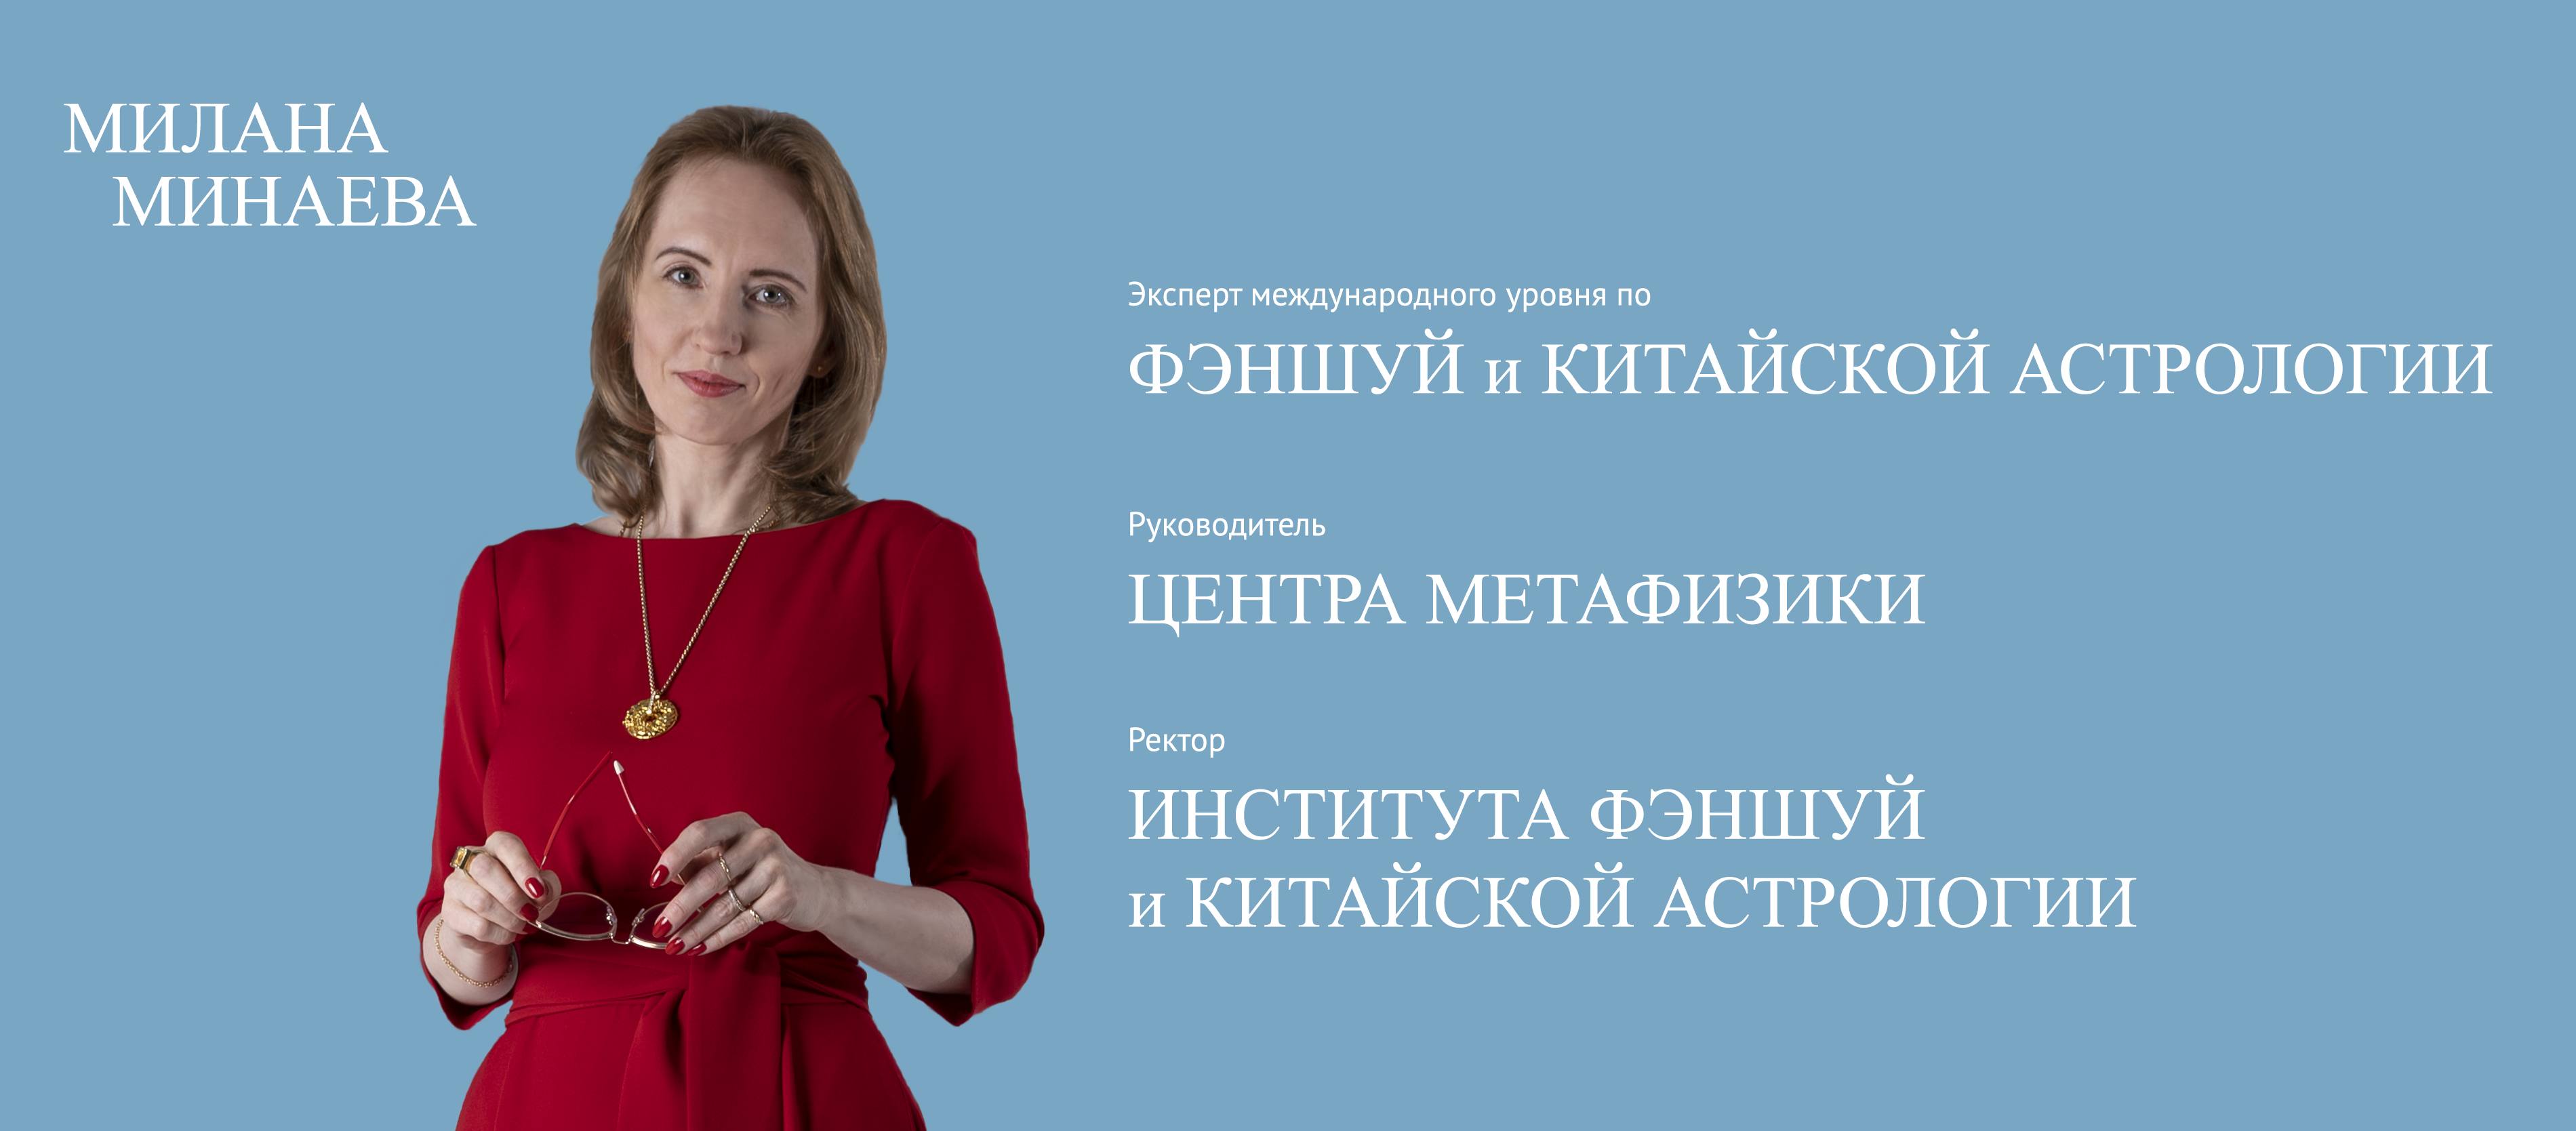 МиланаМинаева-МастерФэншуй